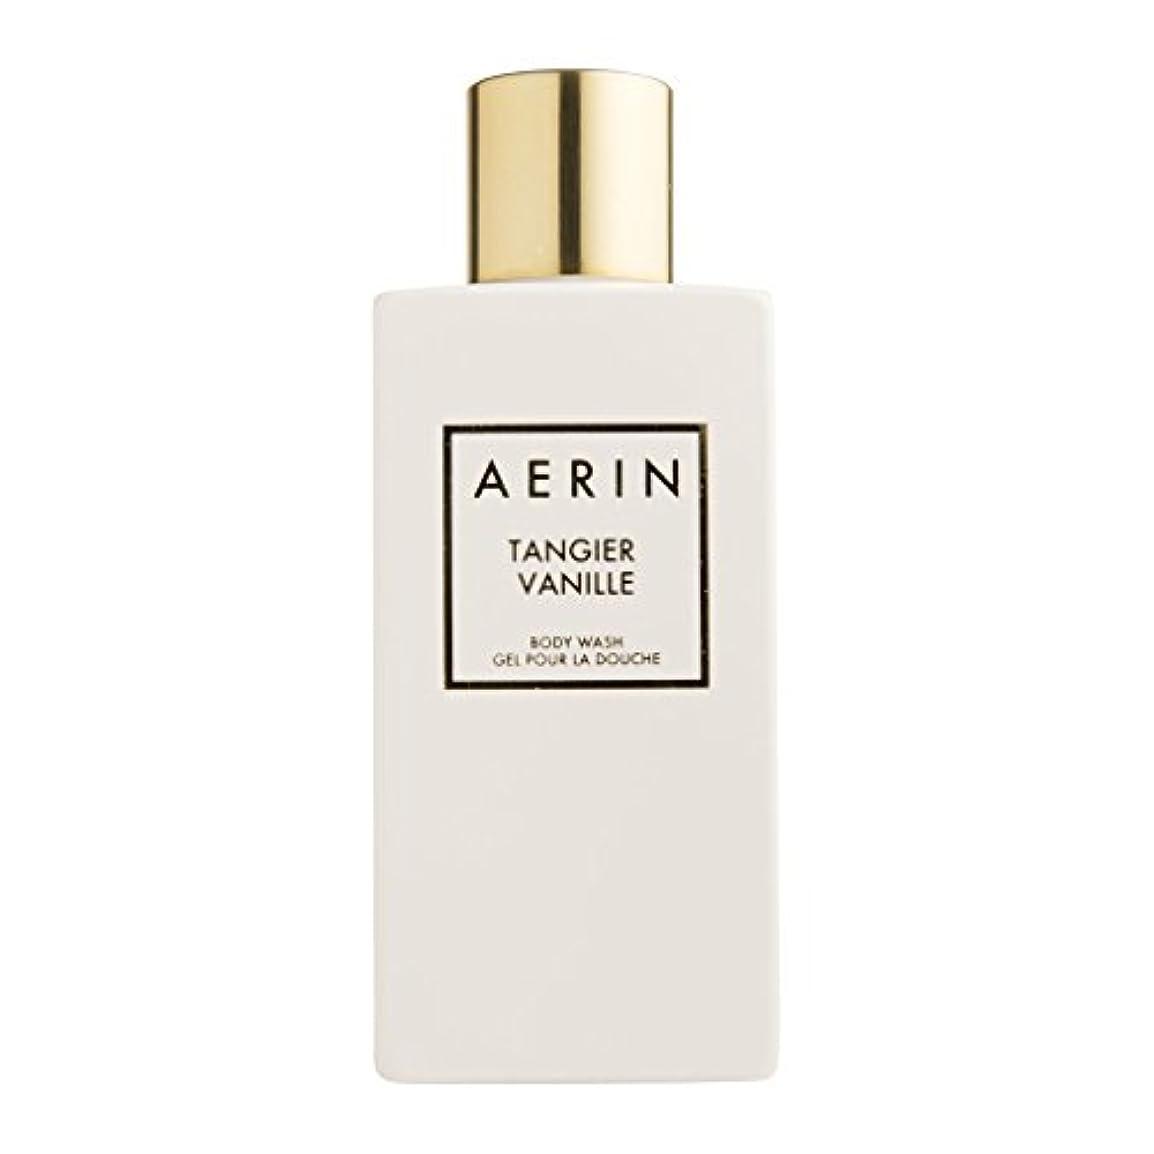 類人猿氏ペンスAERIN Tangier Vanille (アエリン タンジヤー バニール) 7.6 oz (228ml) Body Wash ボディーウオッシュ by Estee Lauder for Women